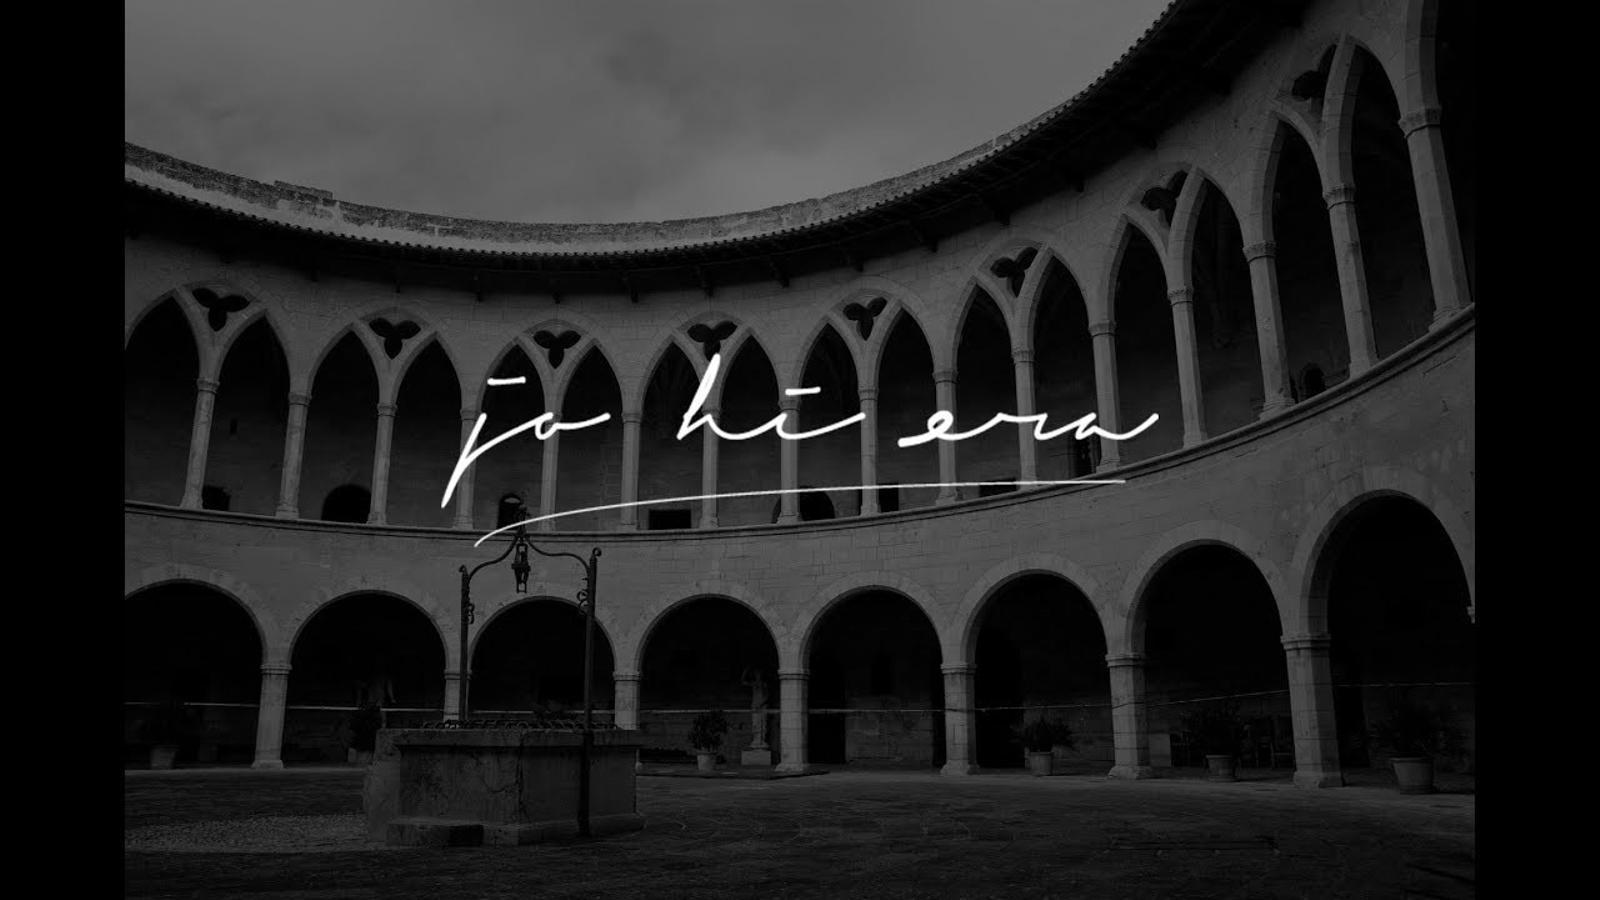 Vídeo de resum del treball de documentació històrica realitzat per Mutus i subvencionat per l'Ajuntament de Palma que investiga l'autoria dels misteriosos grafits que van realitzar els presonars del Castell de Bellver durant la Guerra Civil.